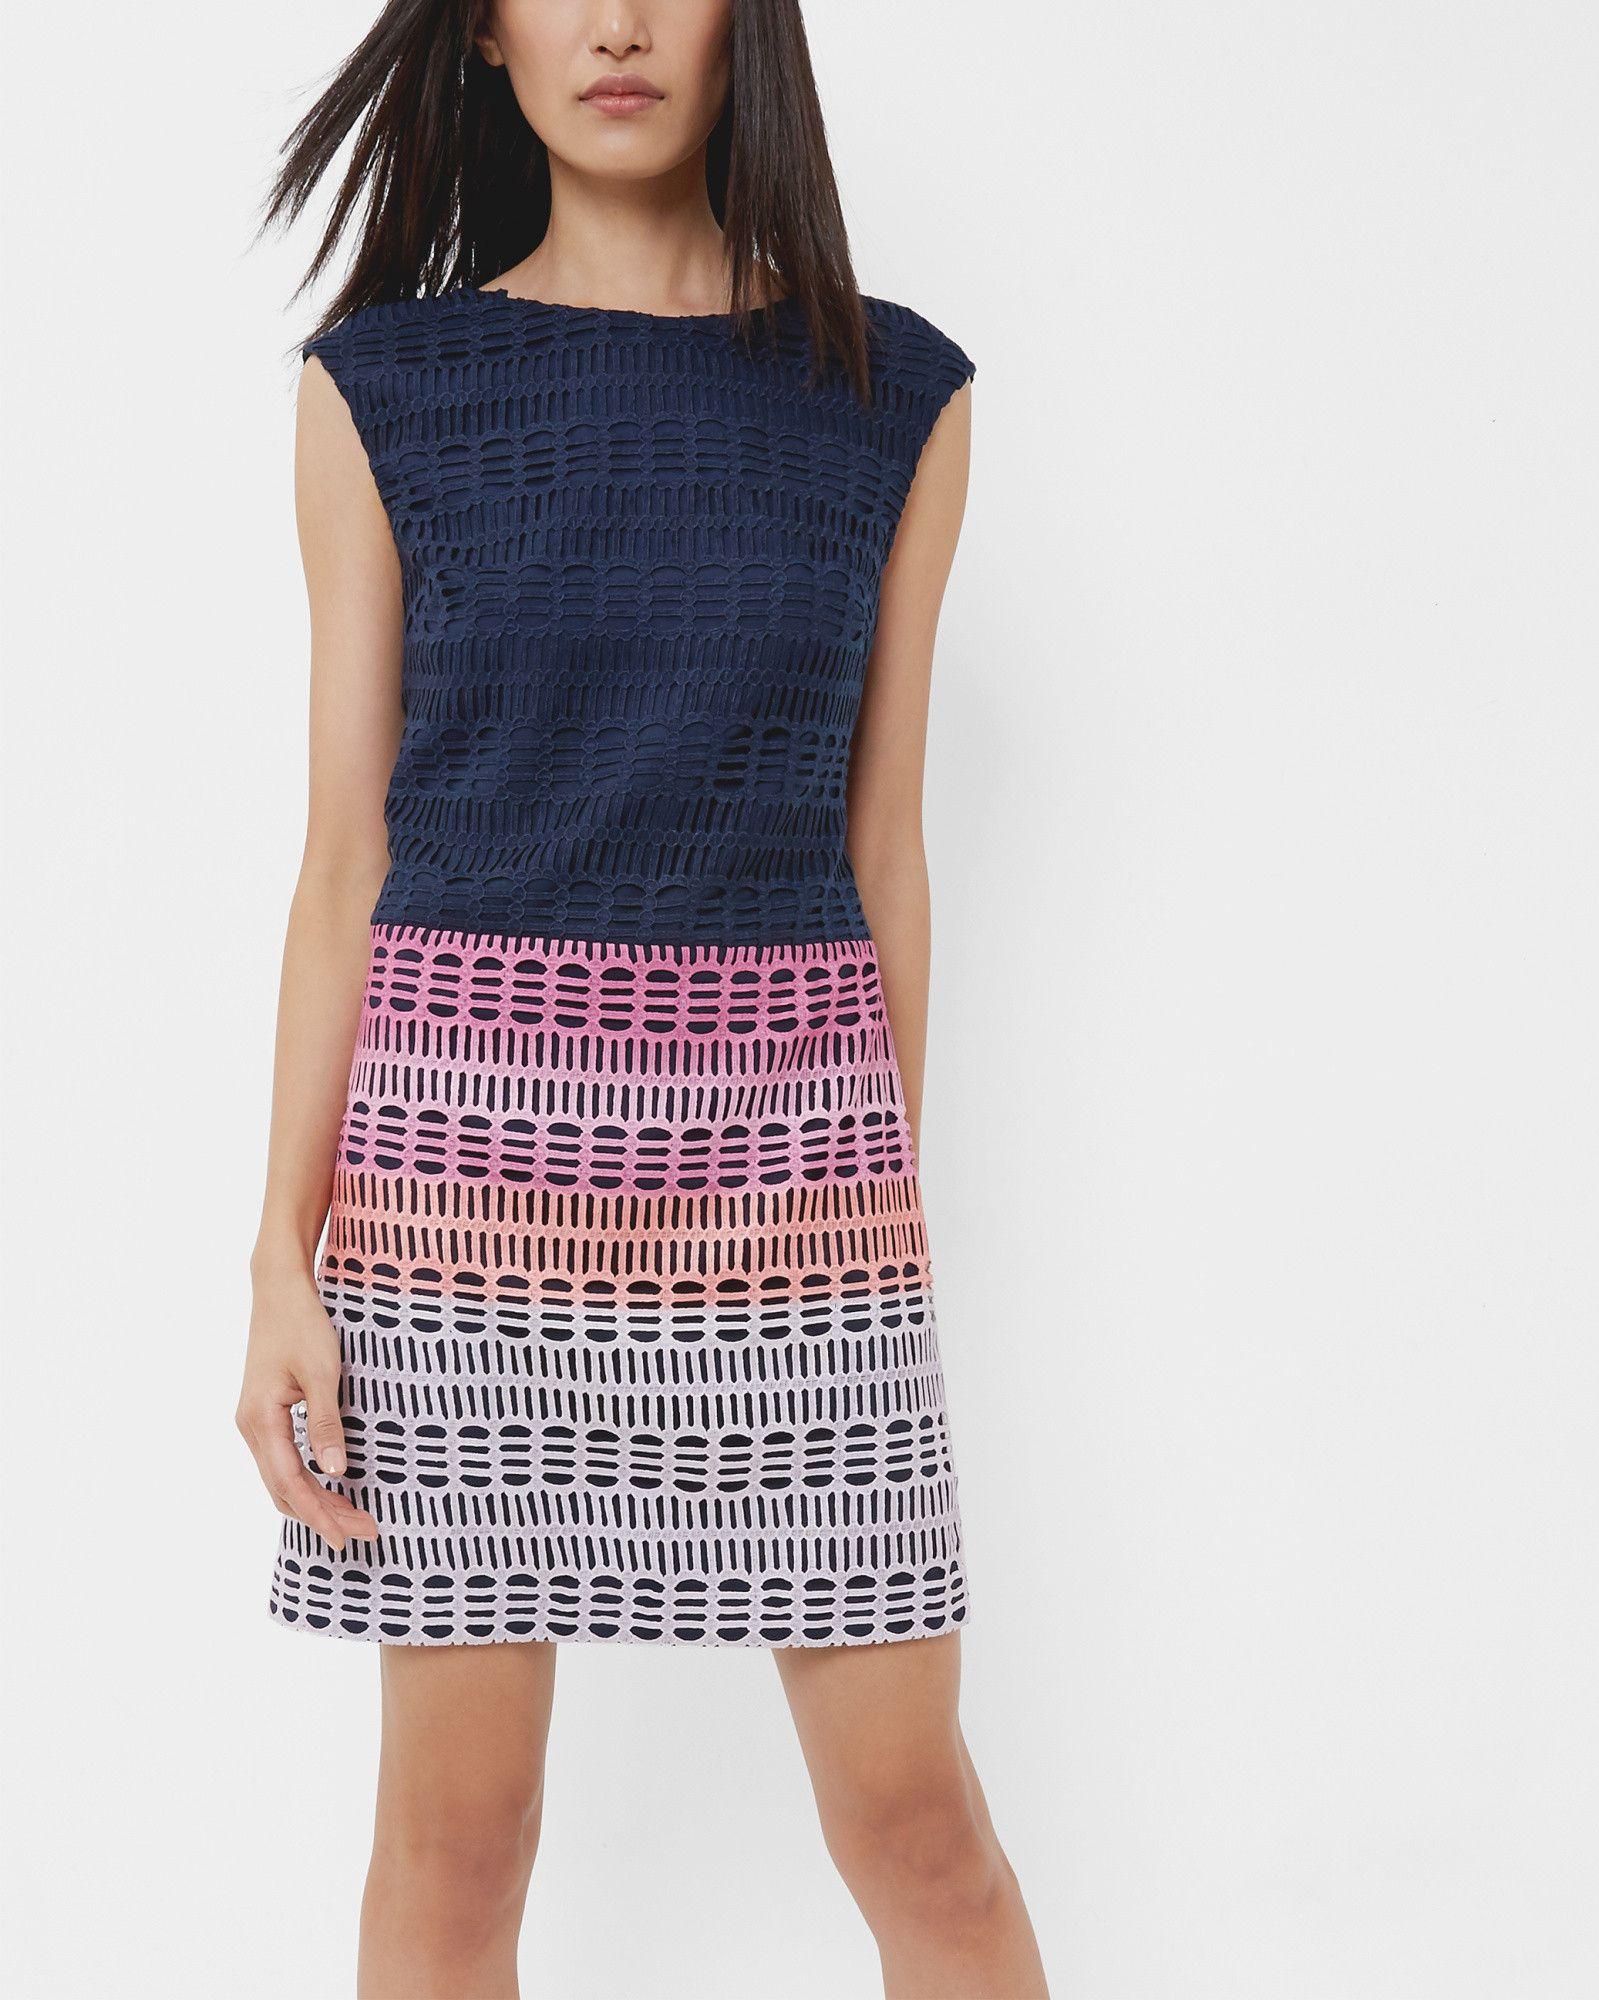 Etuikleid aus Spitze mit Marina Mosaic-Print - Marineblau | Kleider ...